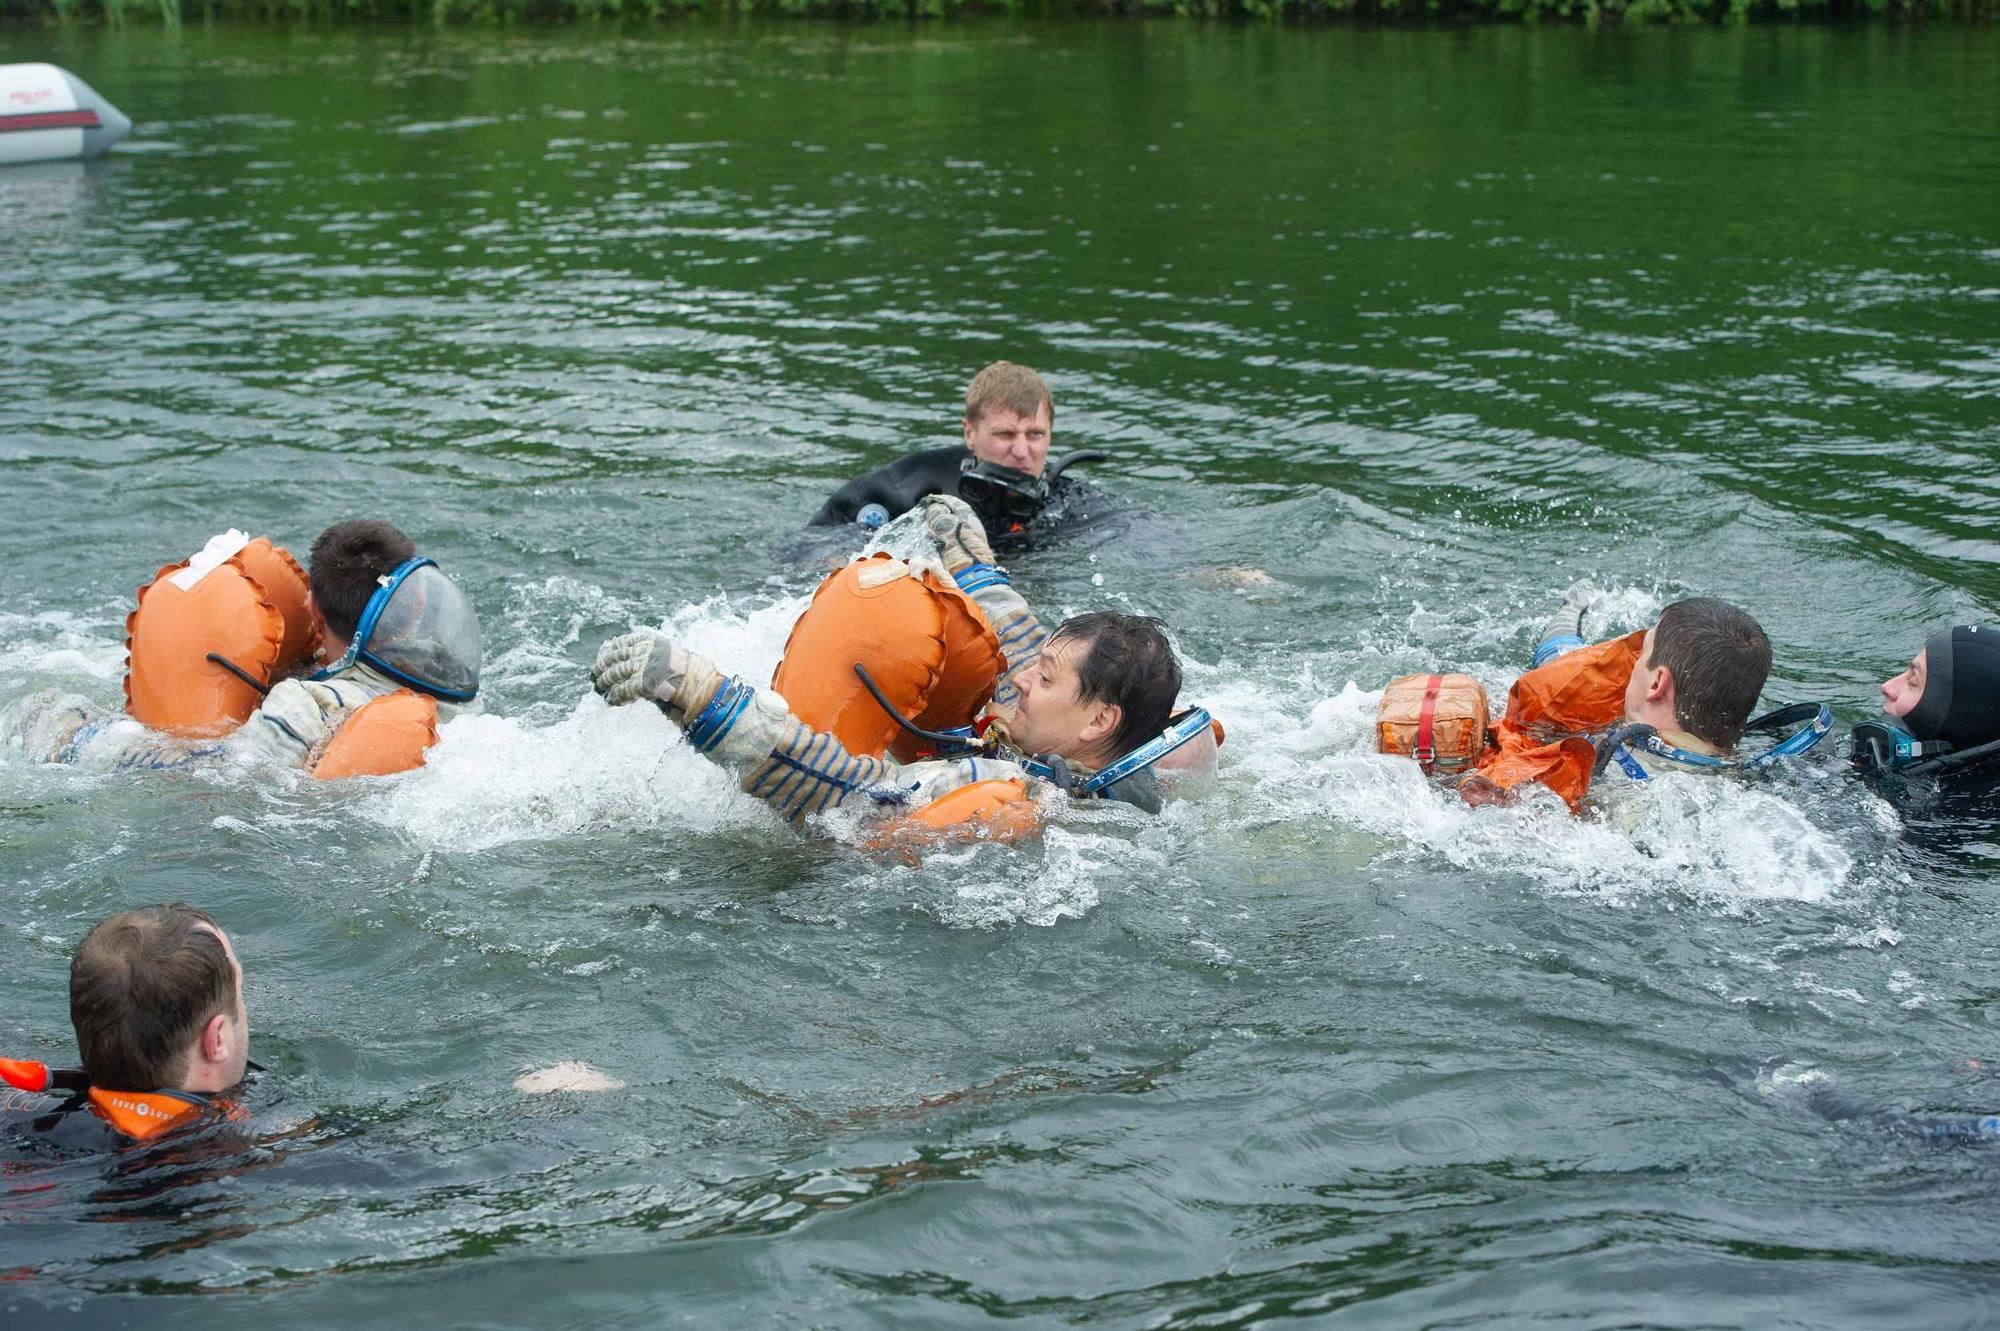 Si nécessaire les cosmonautes doivent se déplacer sur l'eau pour gagner une zone de récupération.